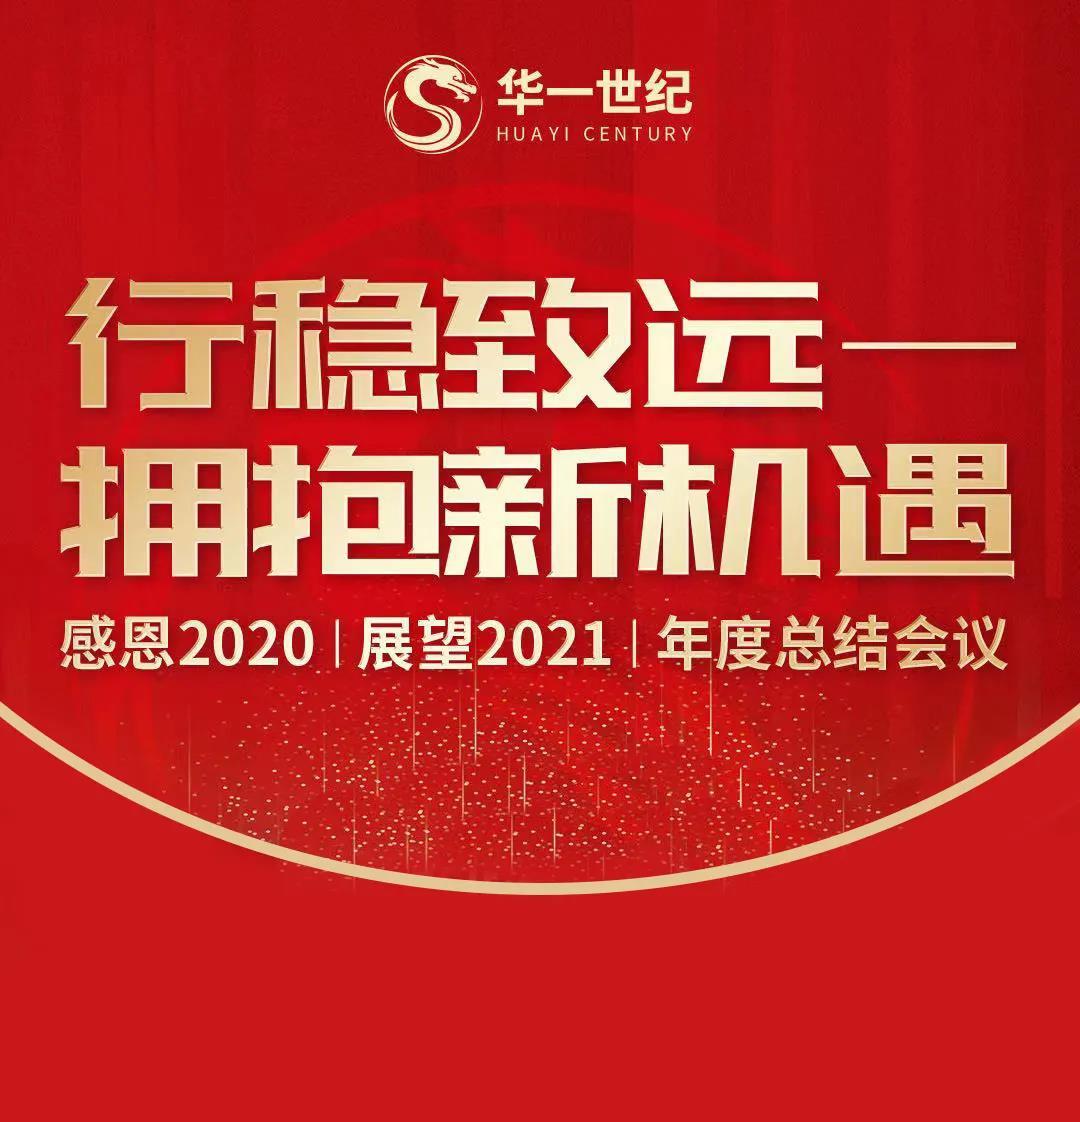 华一世纪2020年度总结会议   同心勠力十年路,逐梦行稳致未来